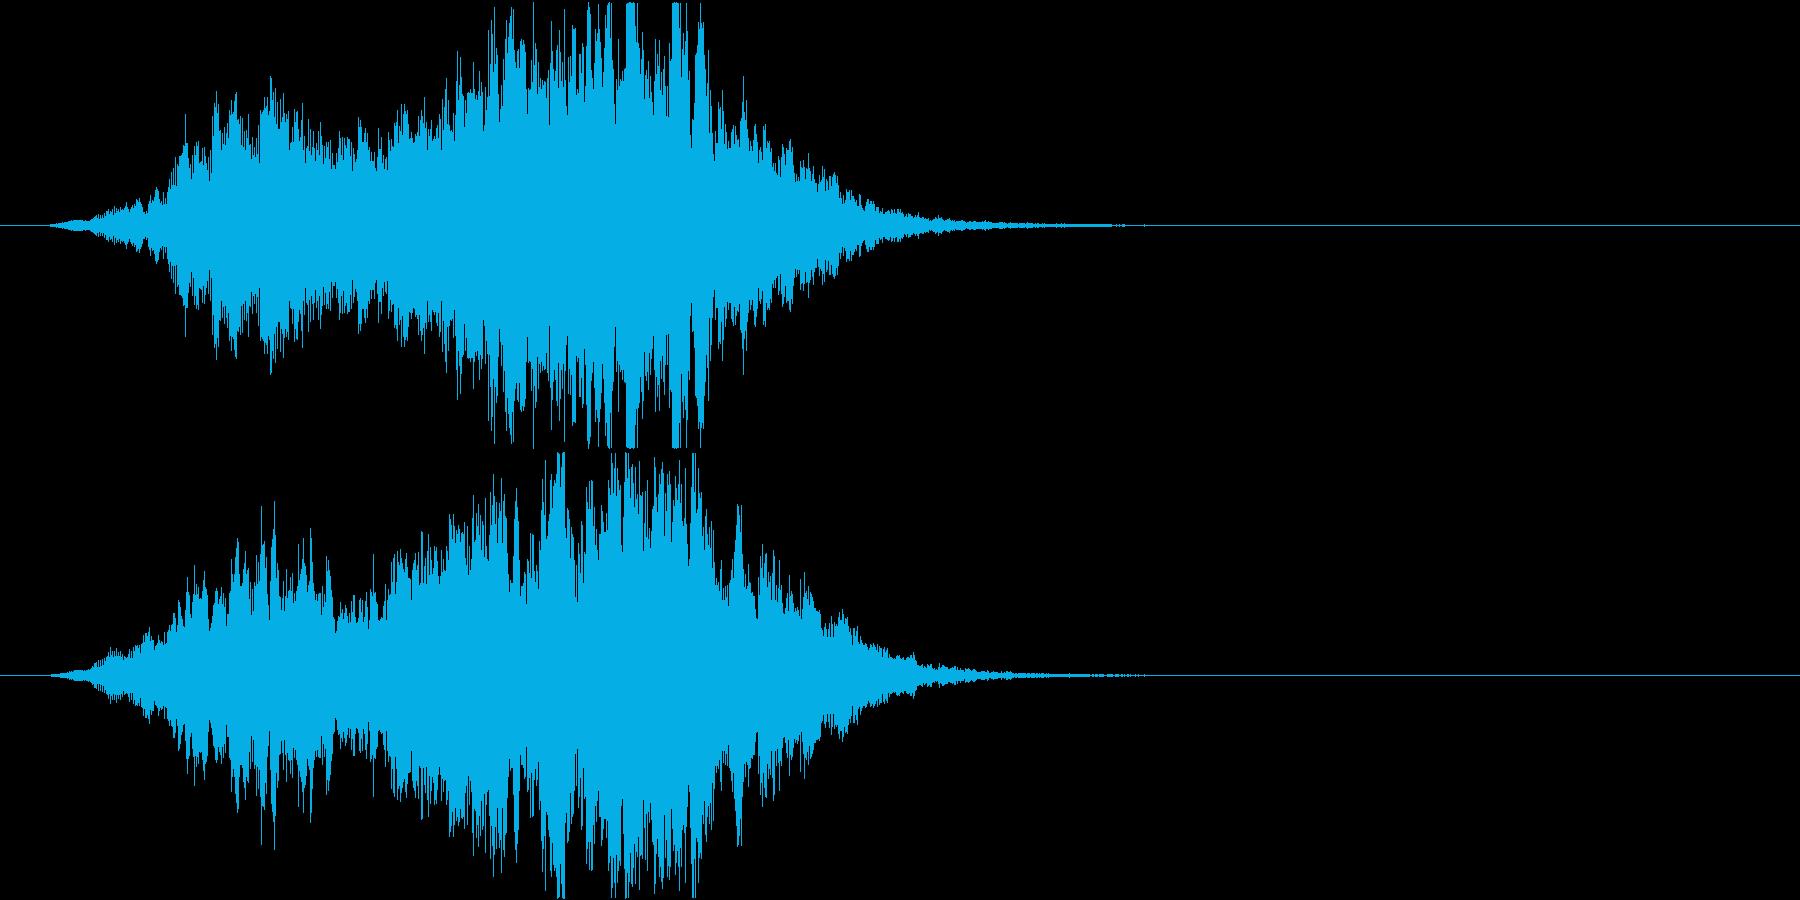 不思議な雰囲気のサウンドロゴ の再生済みの波形